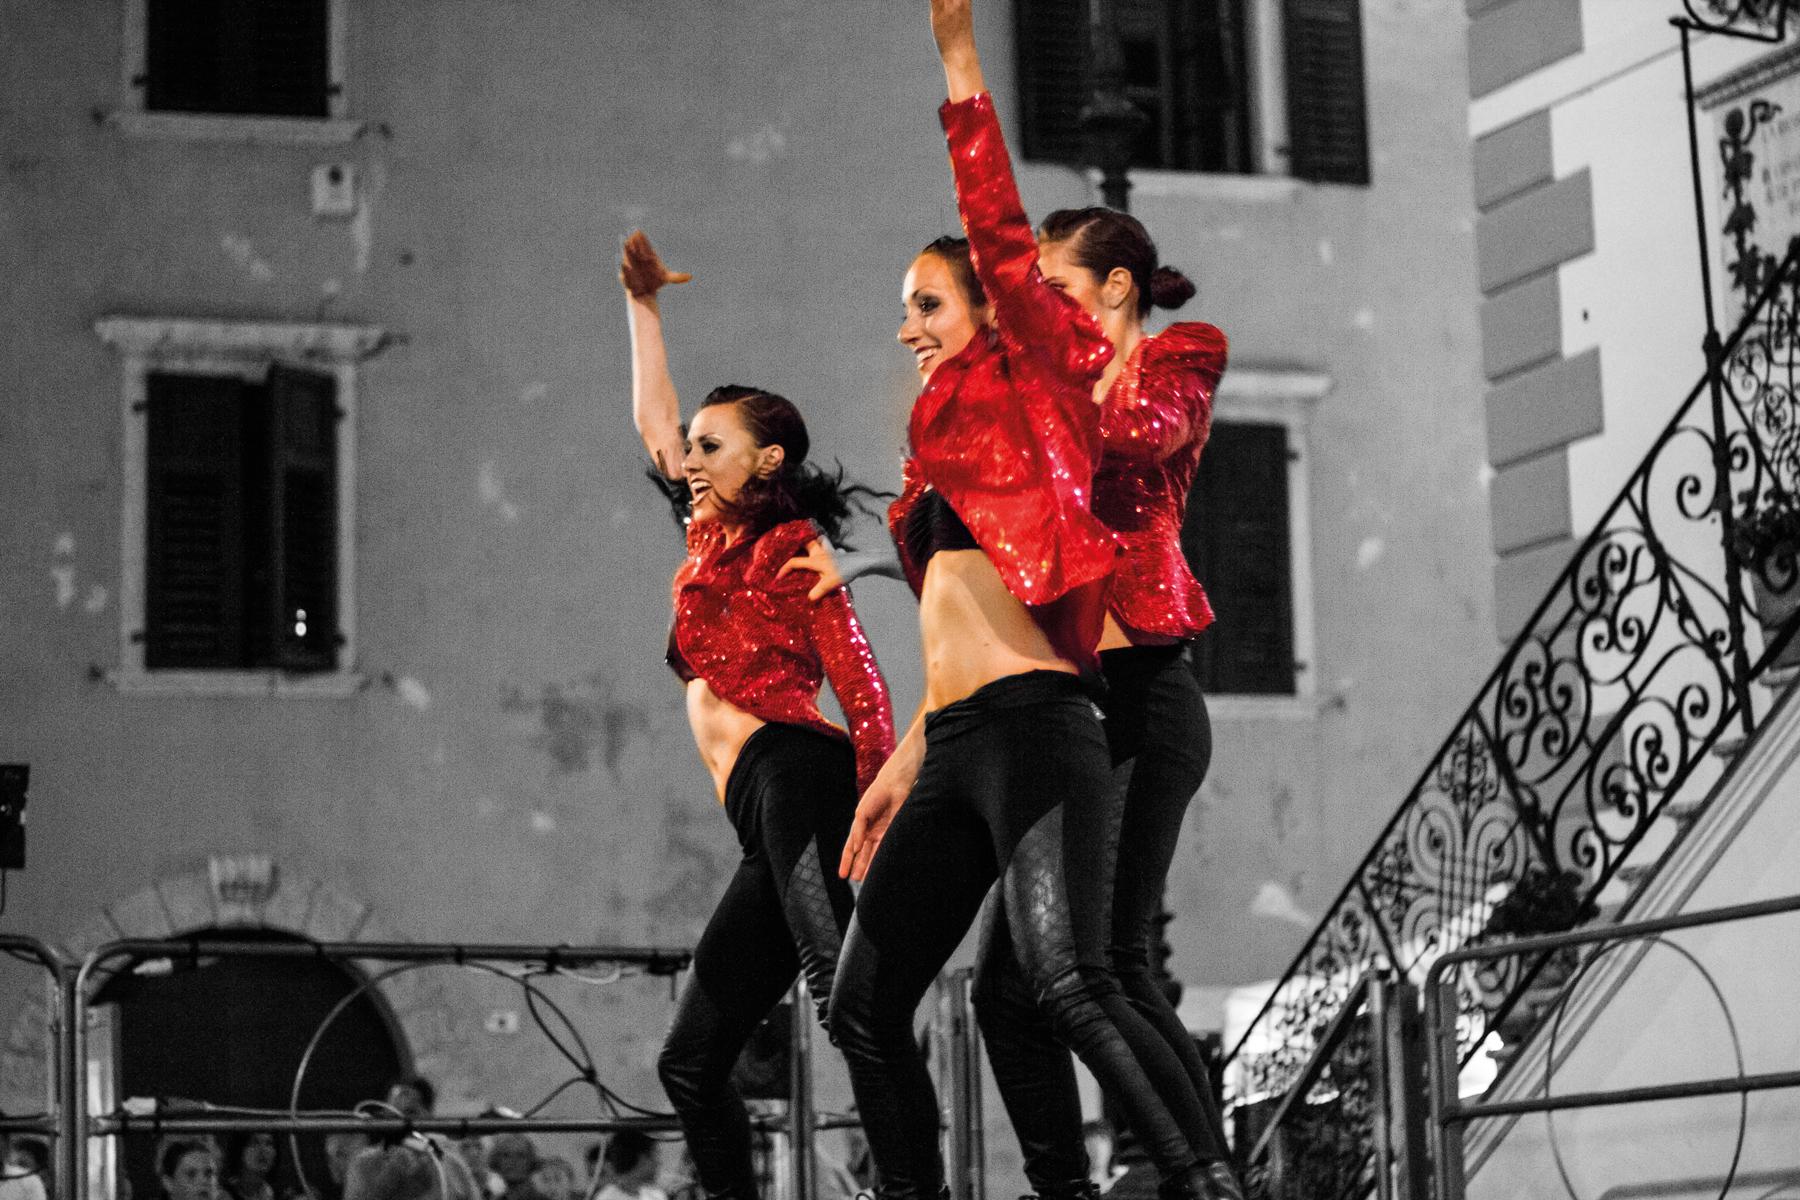 LA COMPAGNIA - DSMOVING DANCE COMPANY ENTErTAINMENT